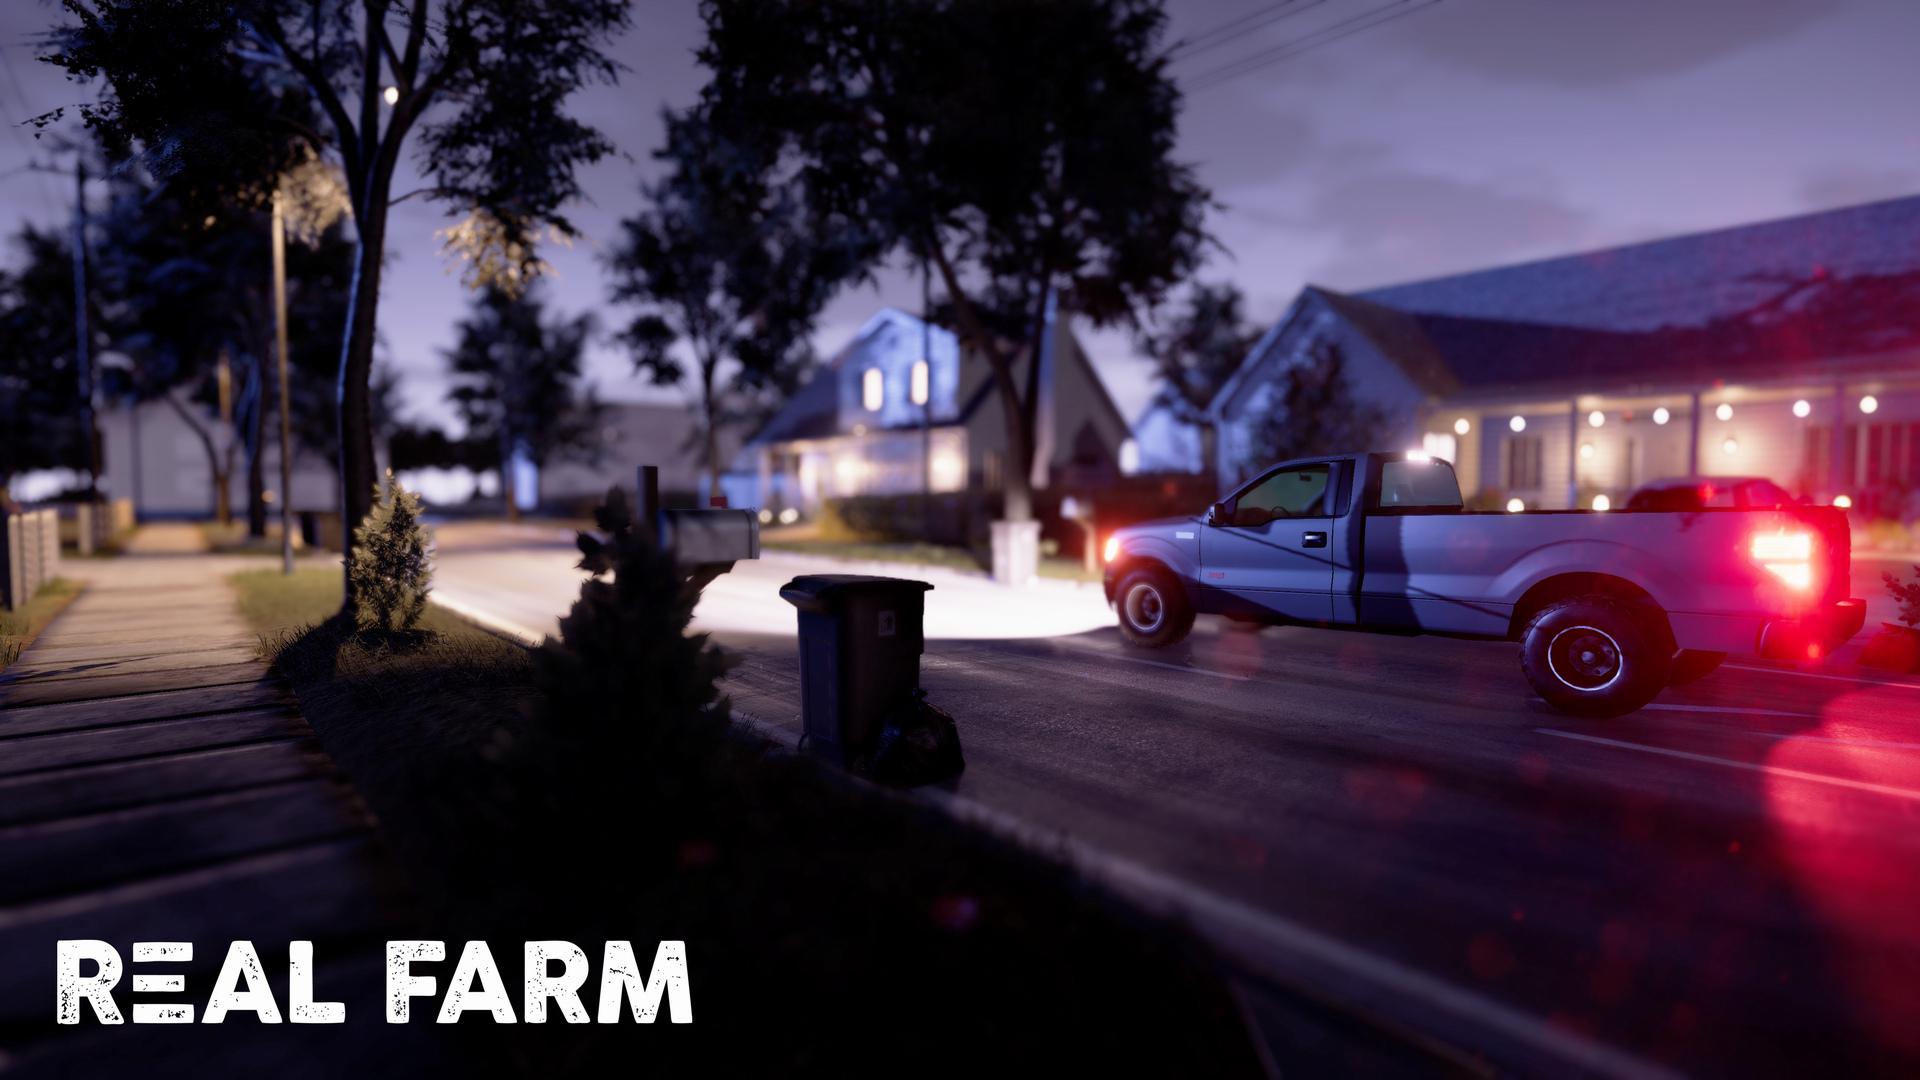 Výzva na venkově v Real Farm 149646